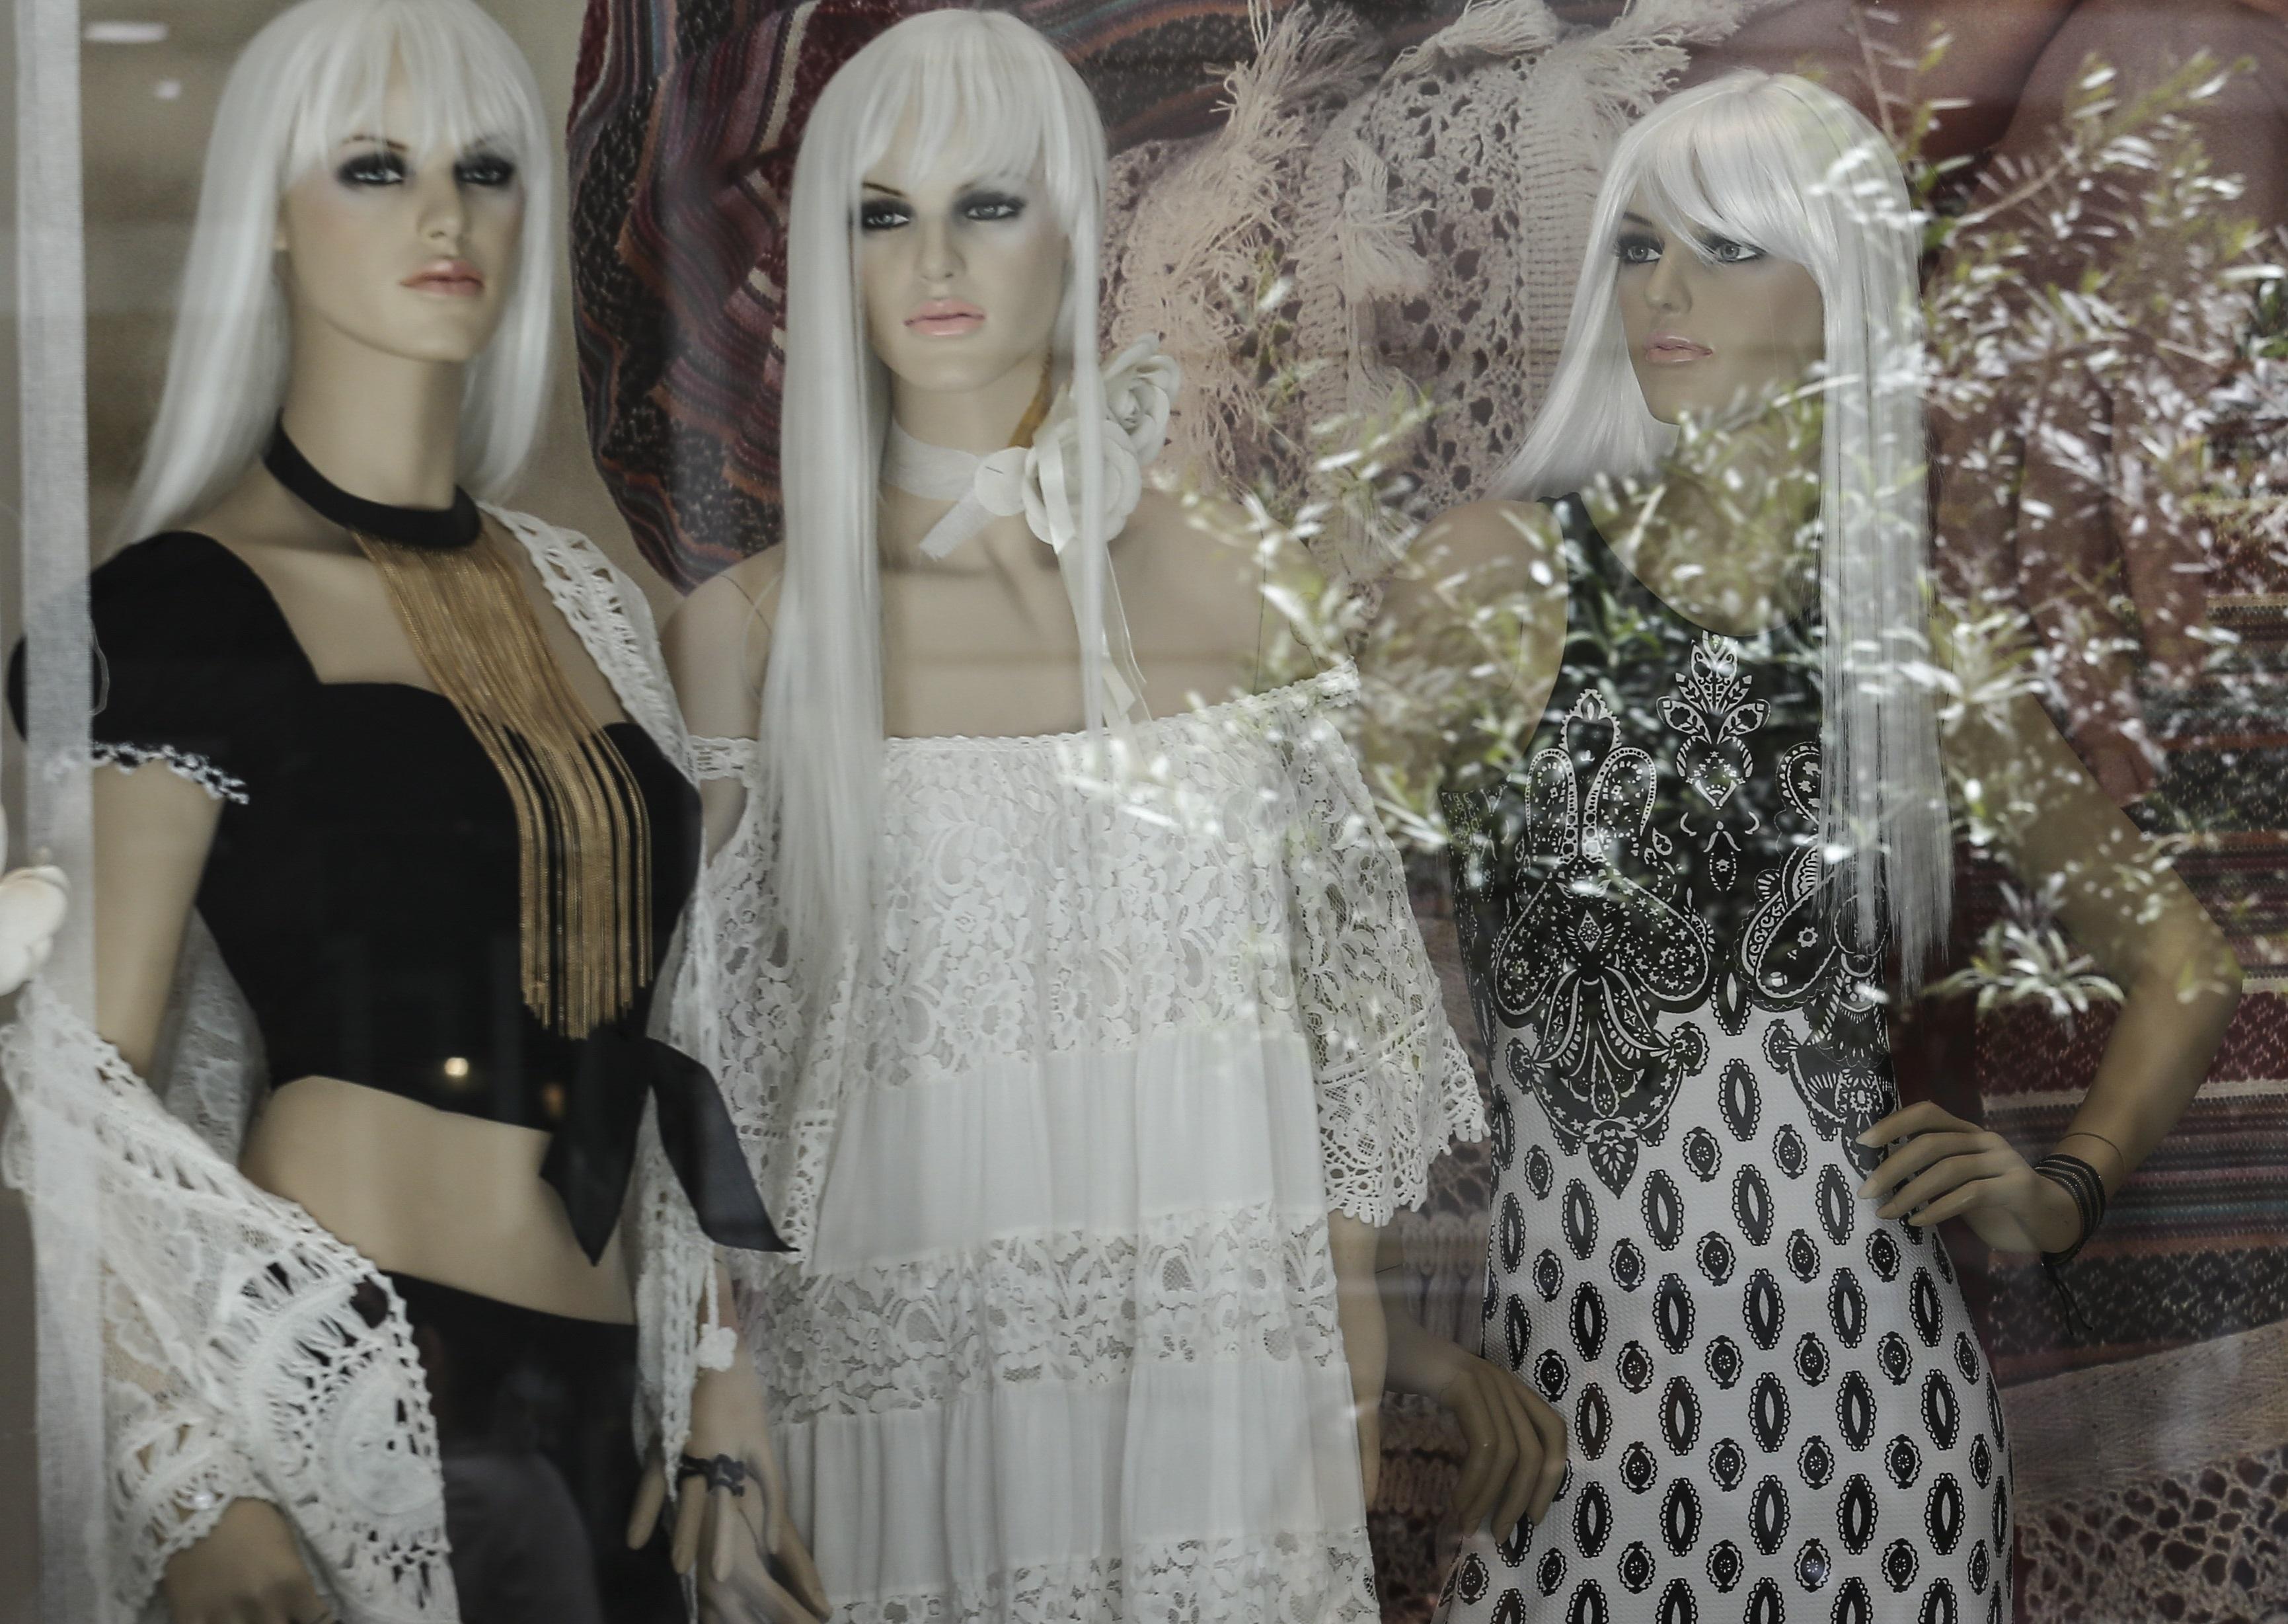 Ηράκλειο: Στιγμές απείρου κάλλους σε κατάστημα ρούχων – Η ιδιαίτερη απαίτηση του πελάτη και το δάγκωμα!